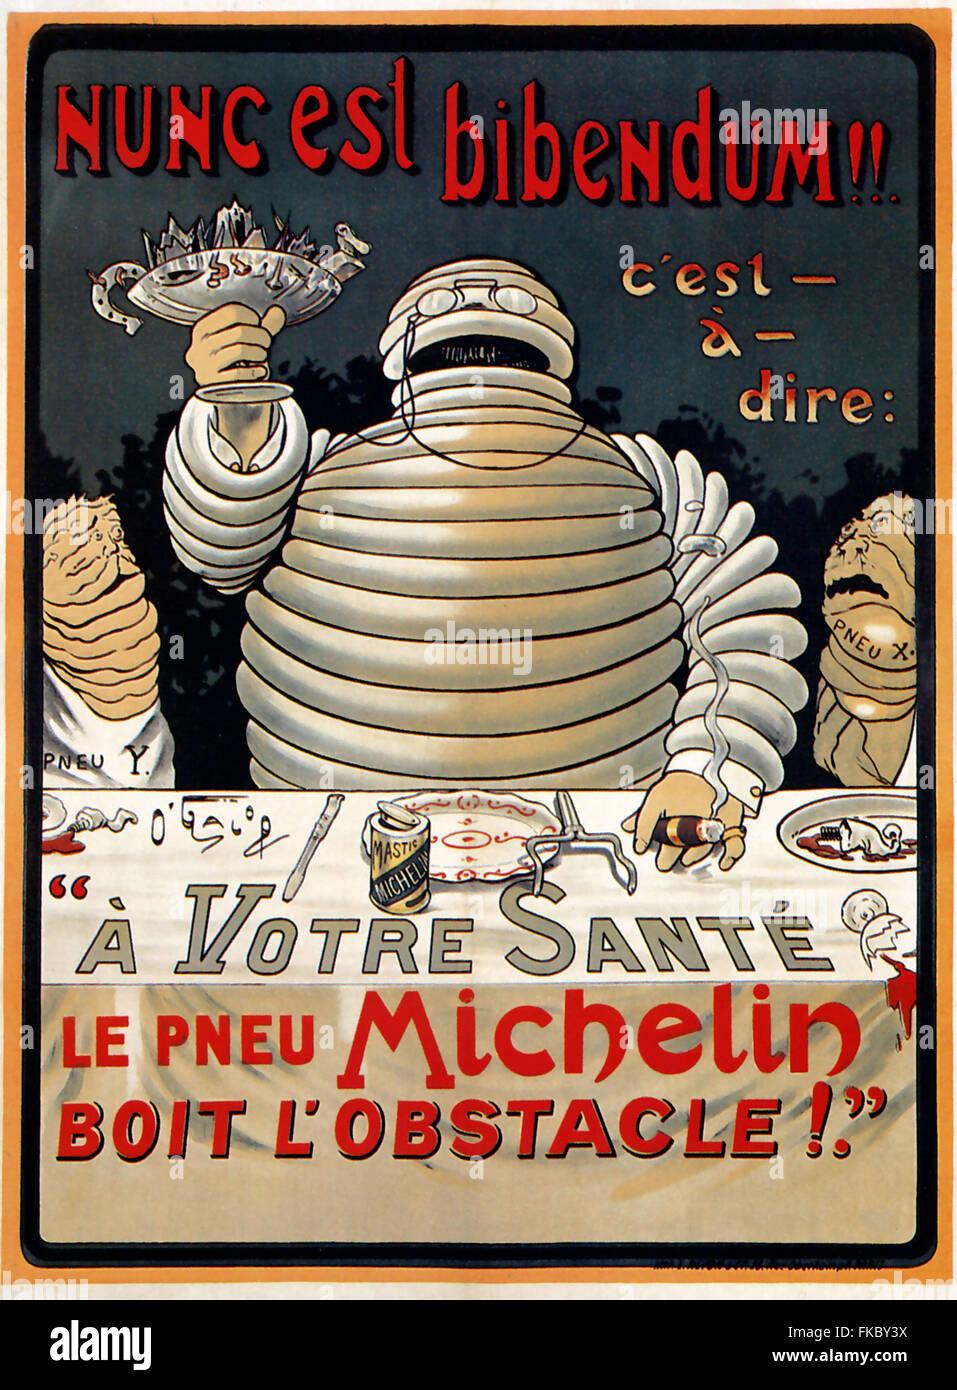 Francia Michelin Poster Immagini Stock